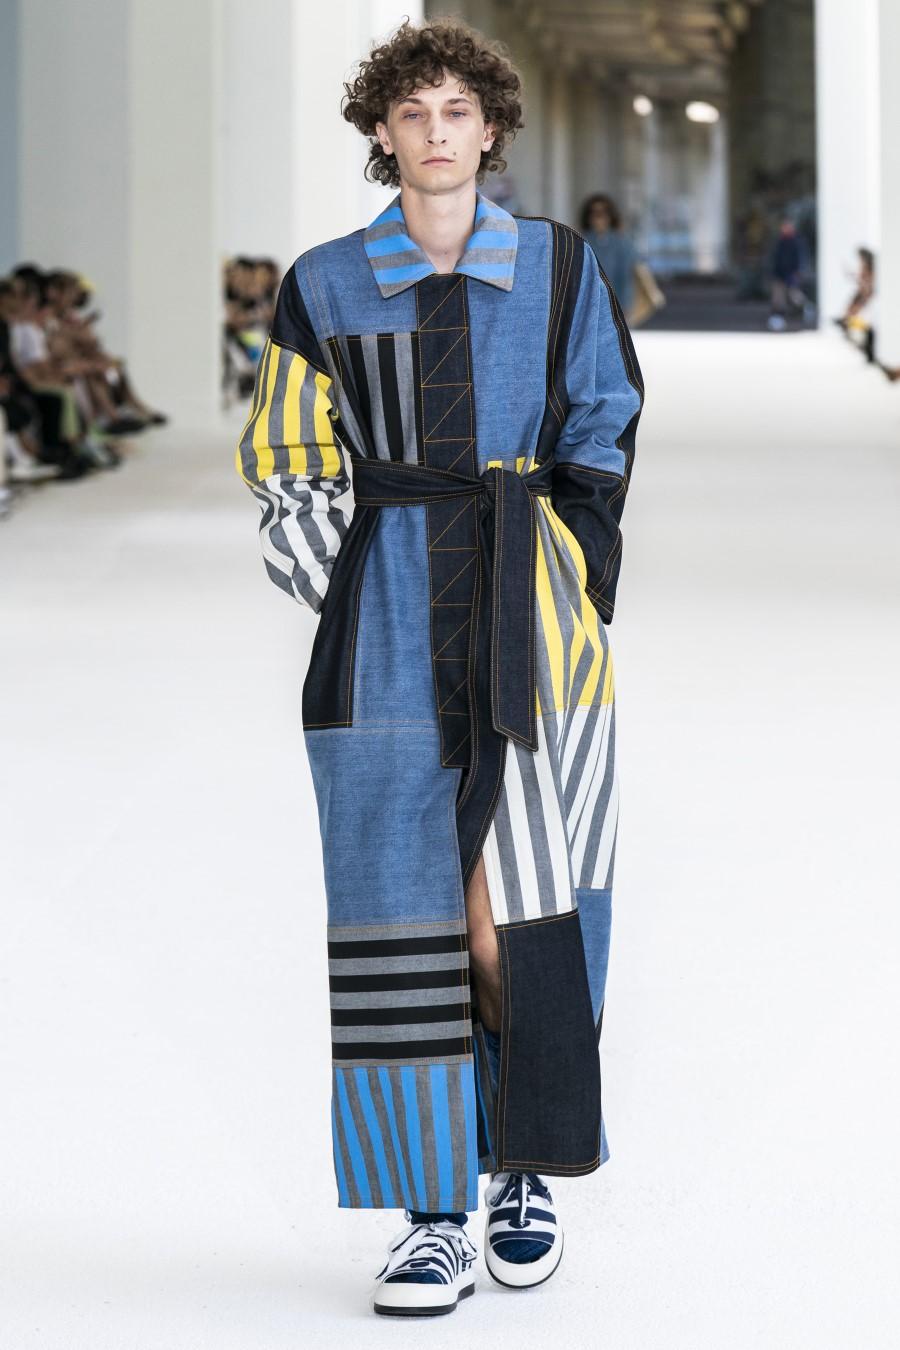 Sunnei - Printemps-Été 2020 - Milan Fashion Week